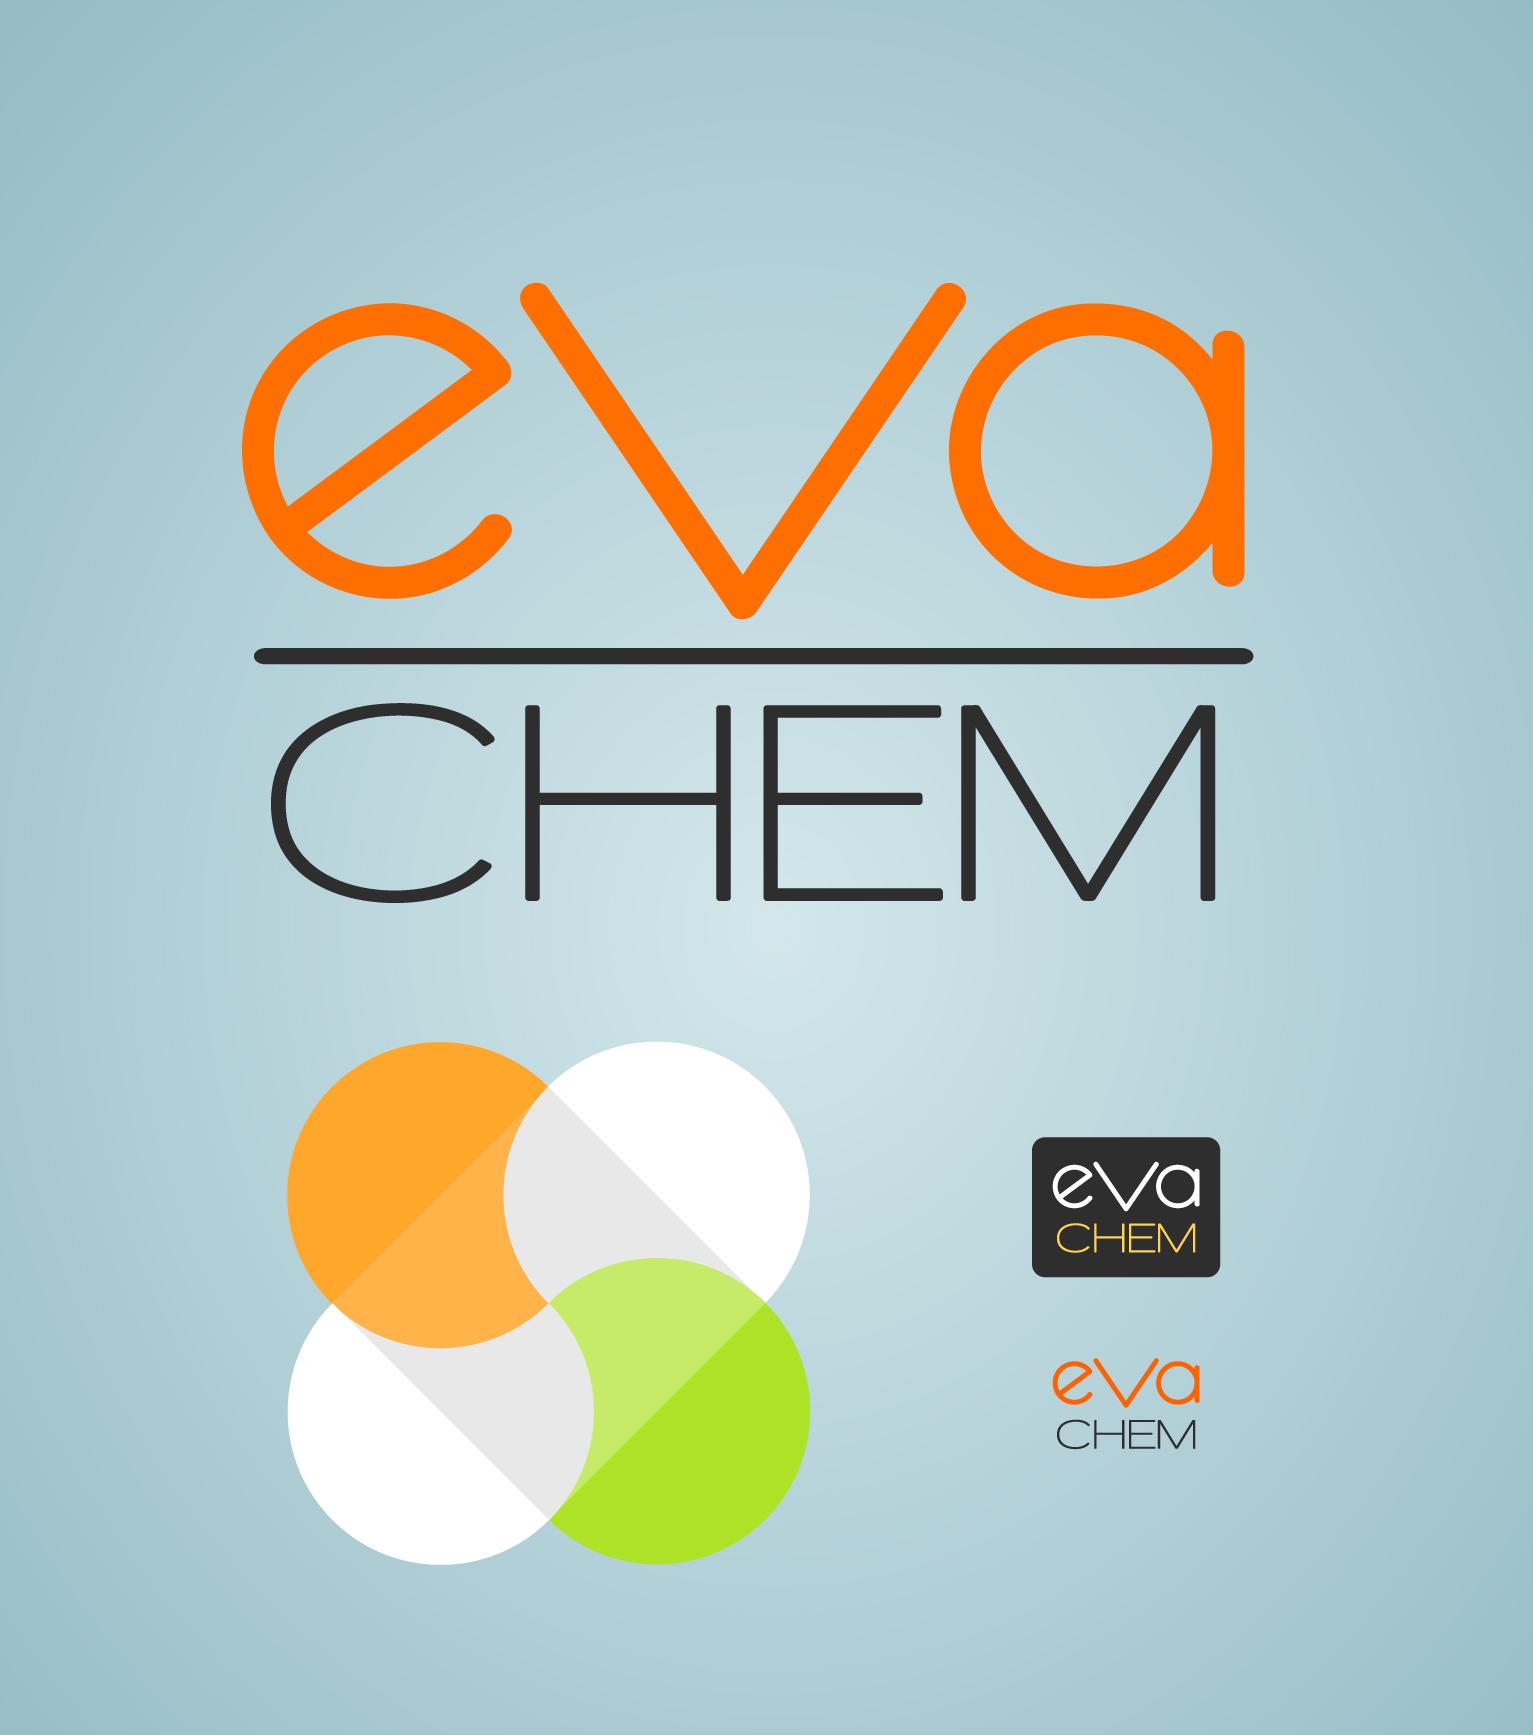 Разработка логотипа и фирменного стиля компании фото f_332572a4c990586b.jpg